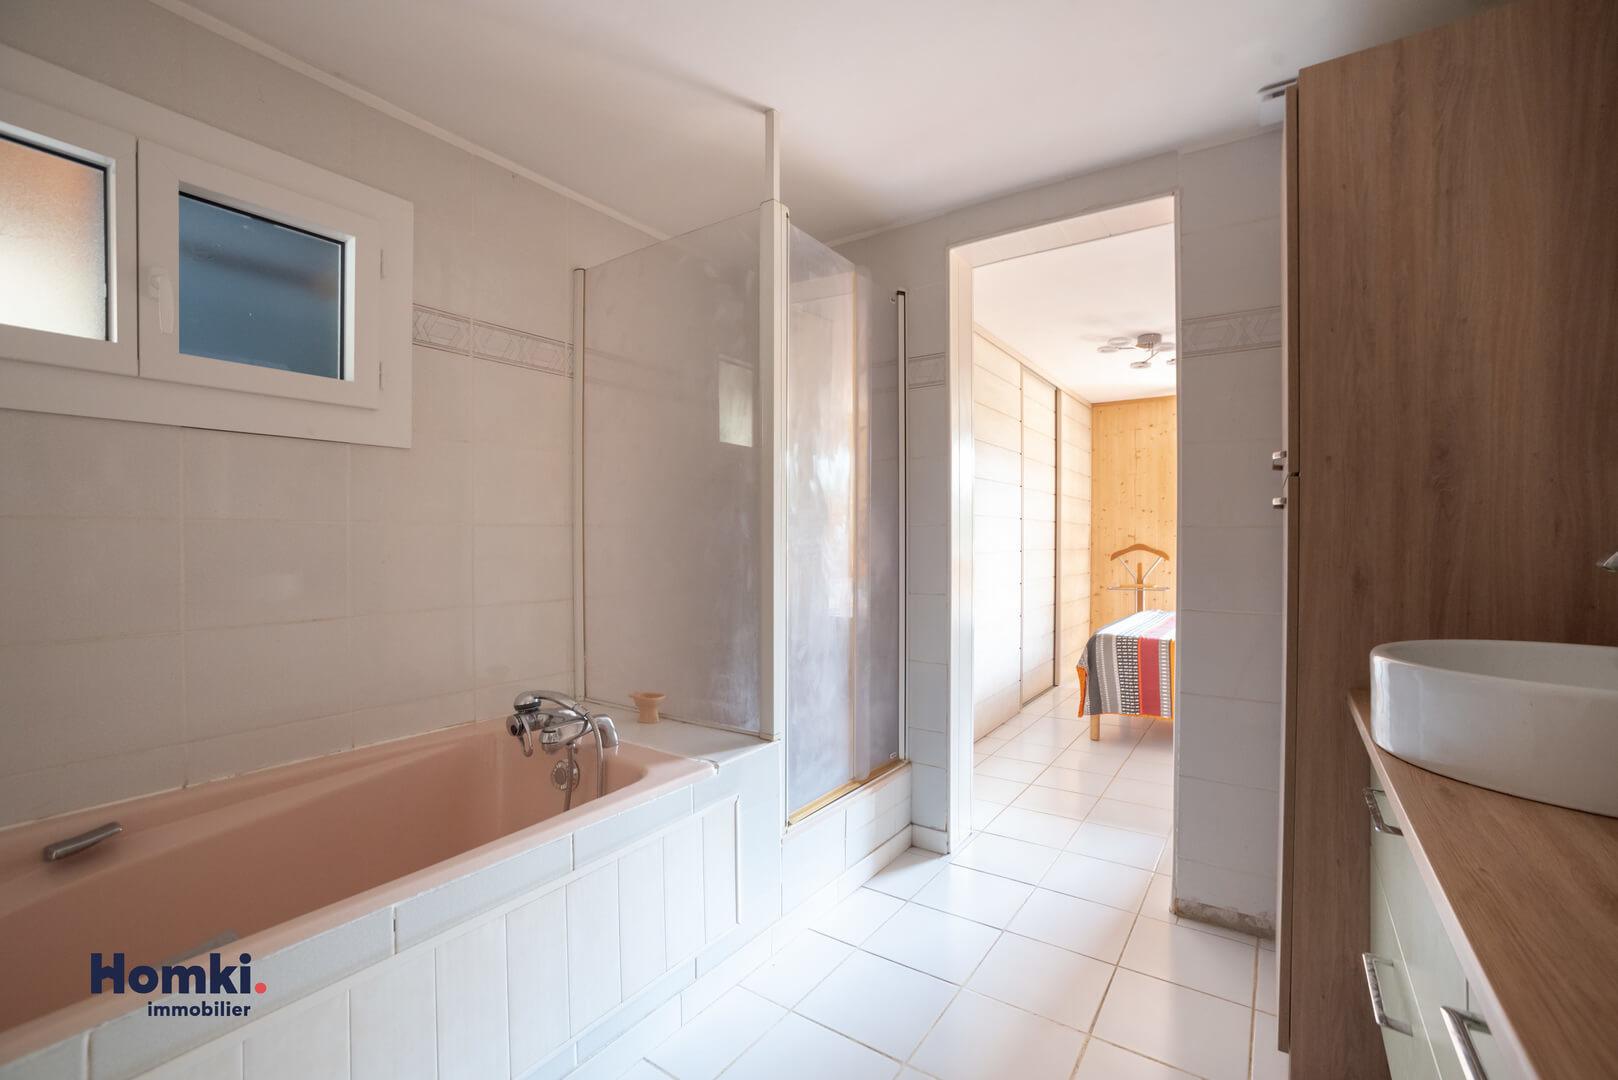 Vente maison 130m² T6 34110_7